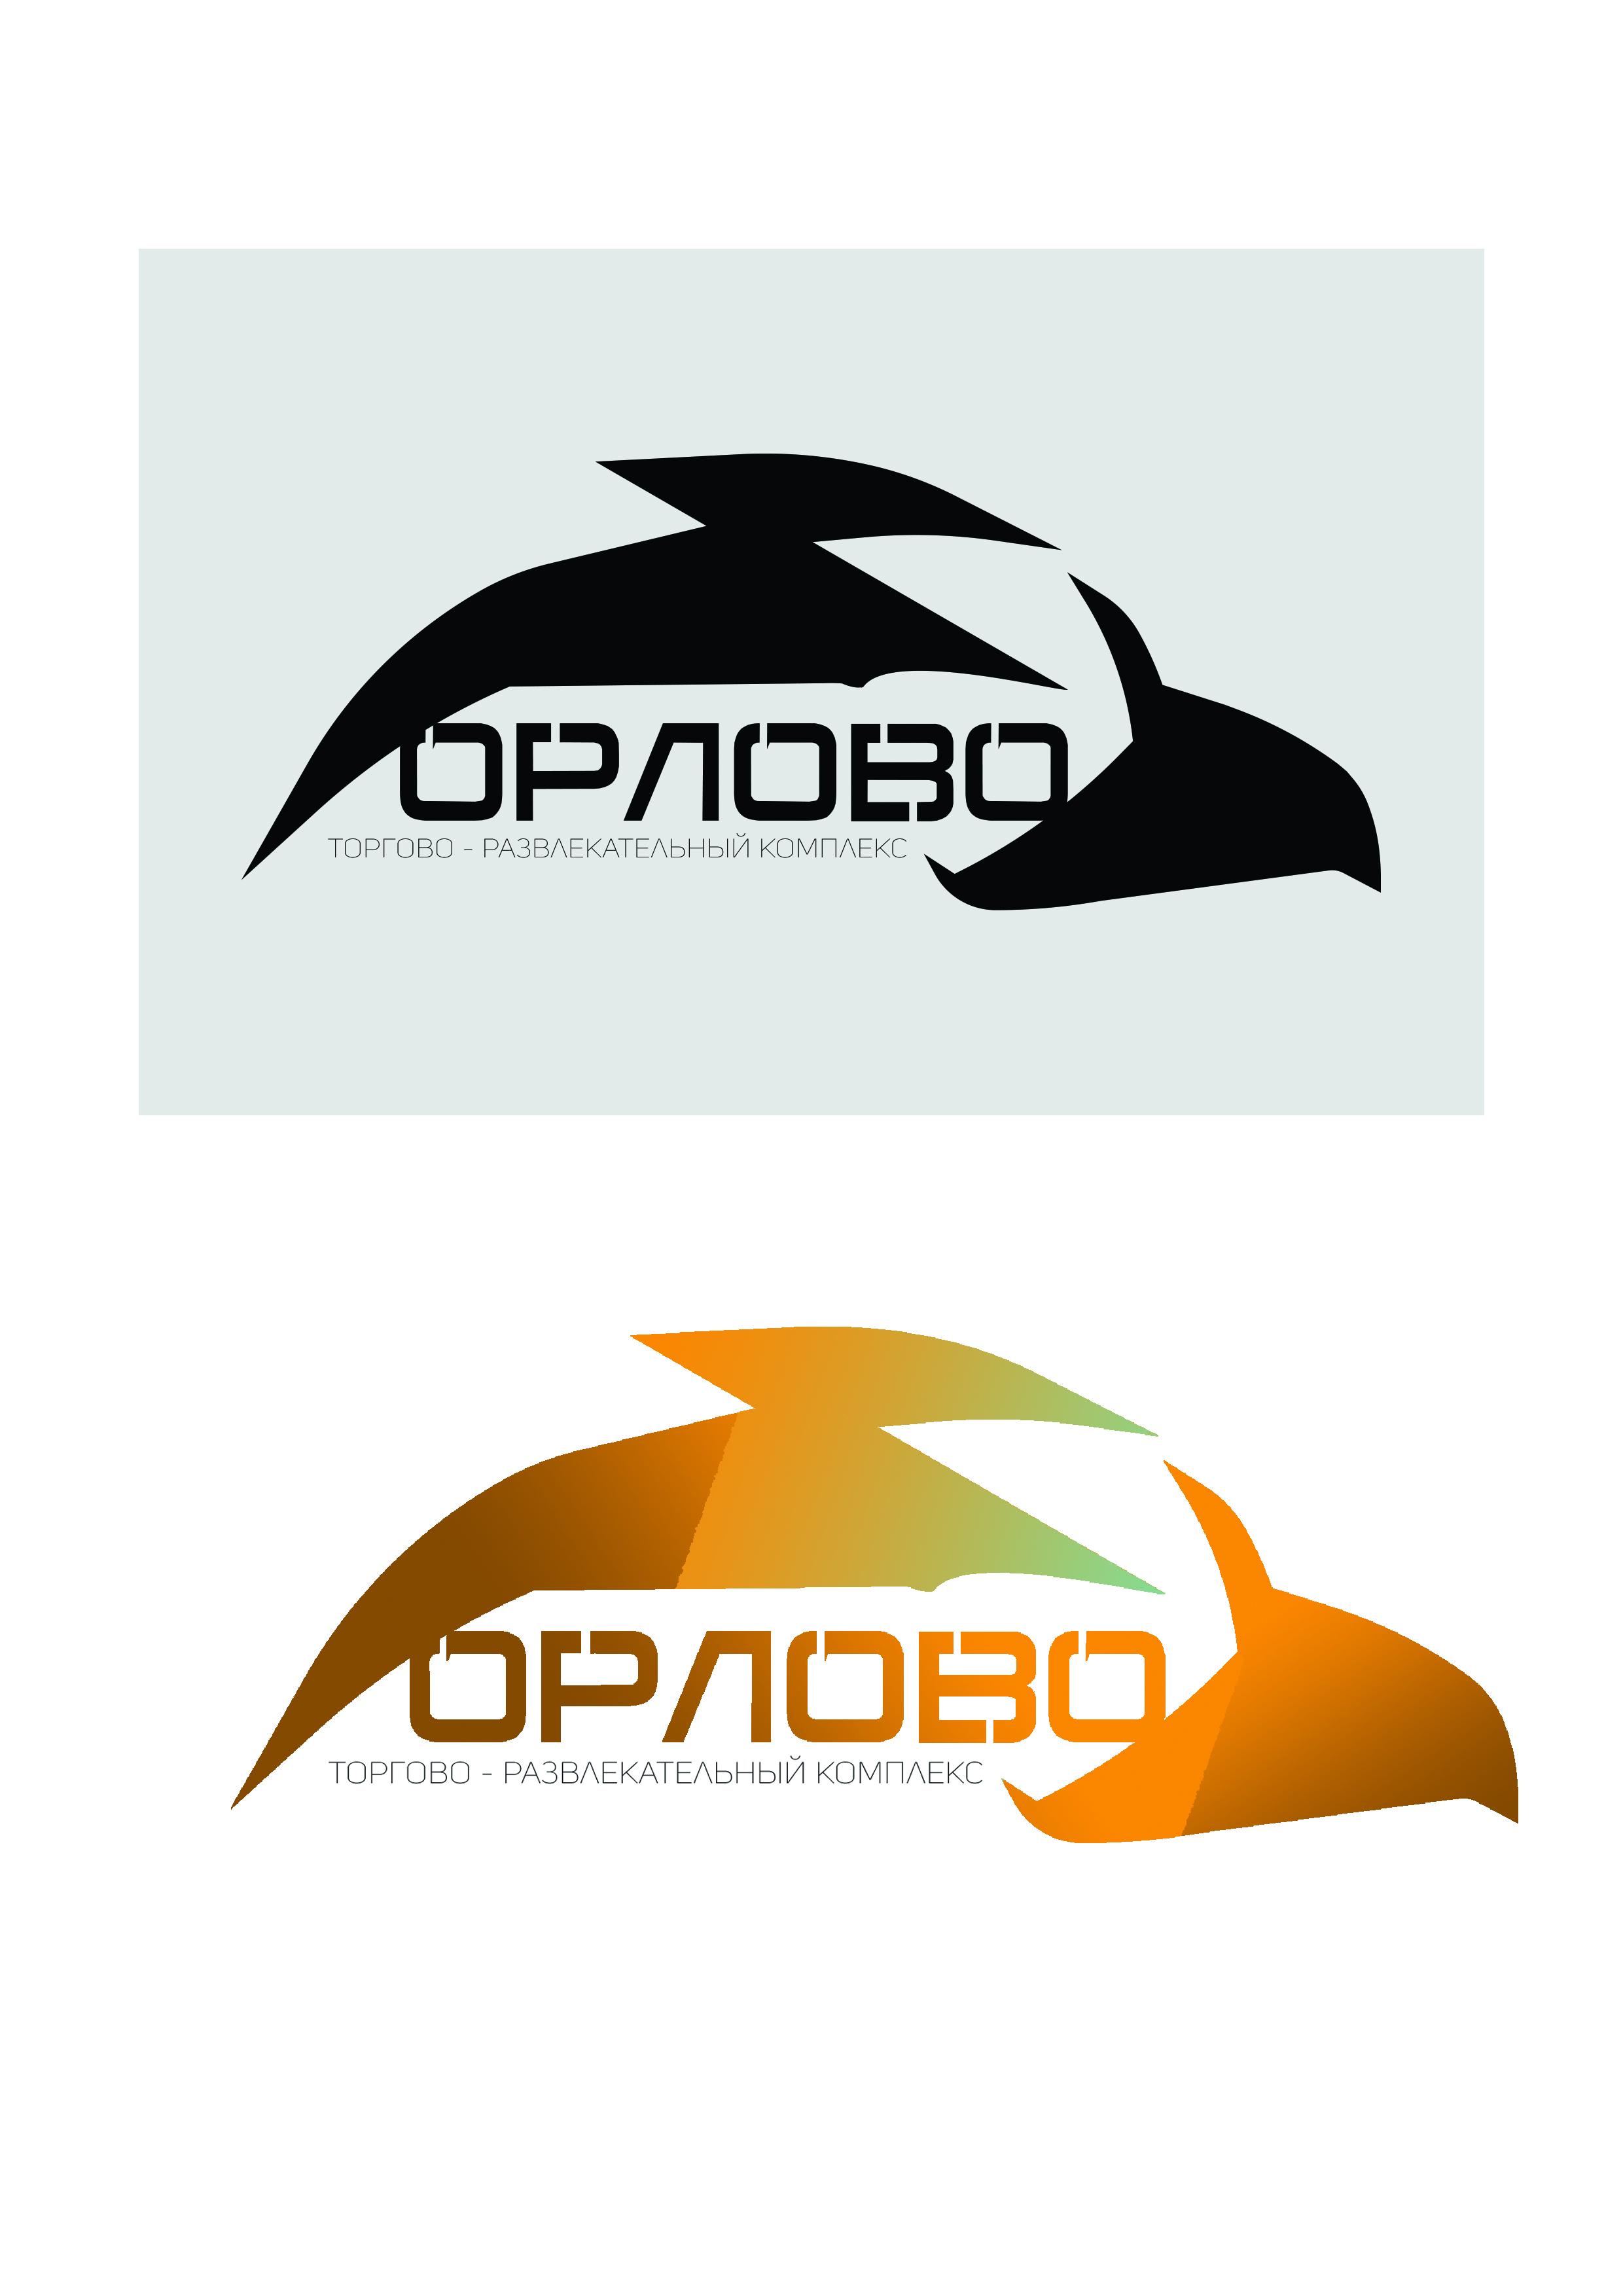 Разработка логотипа для Торгово-развлекательного комплекса фото f_416596931fa0c77b.jpg